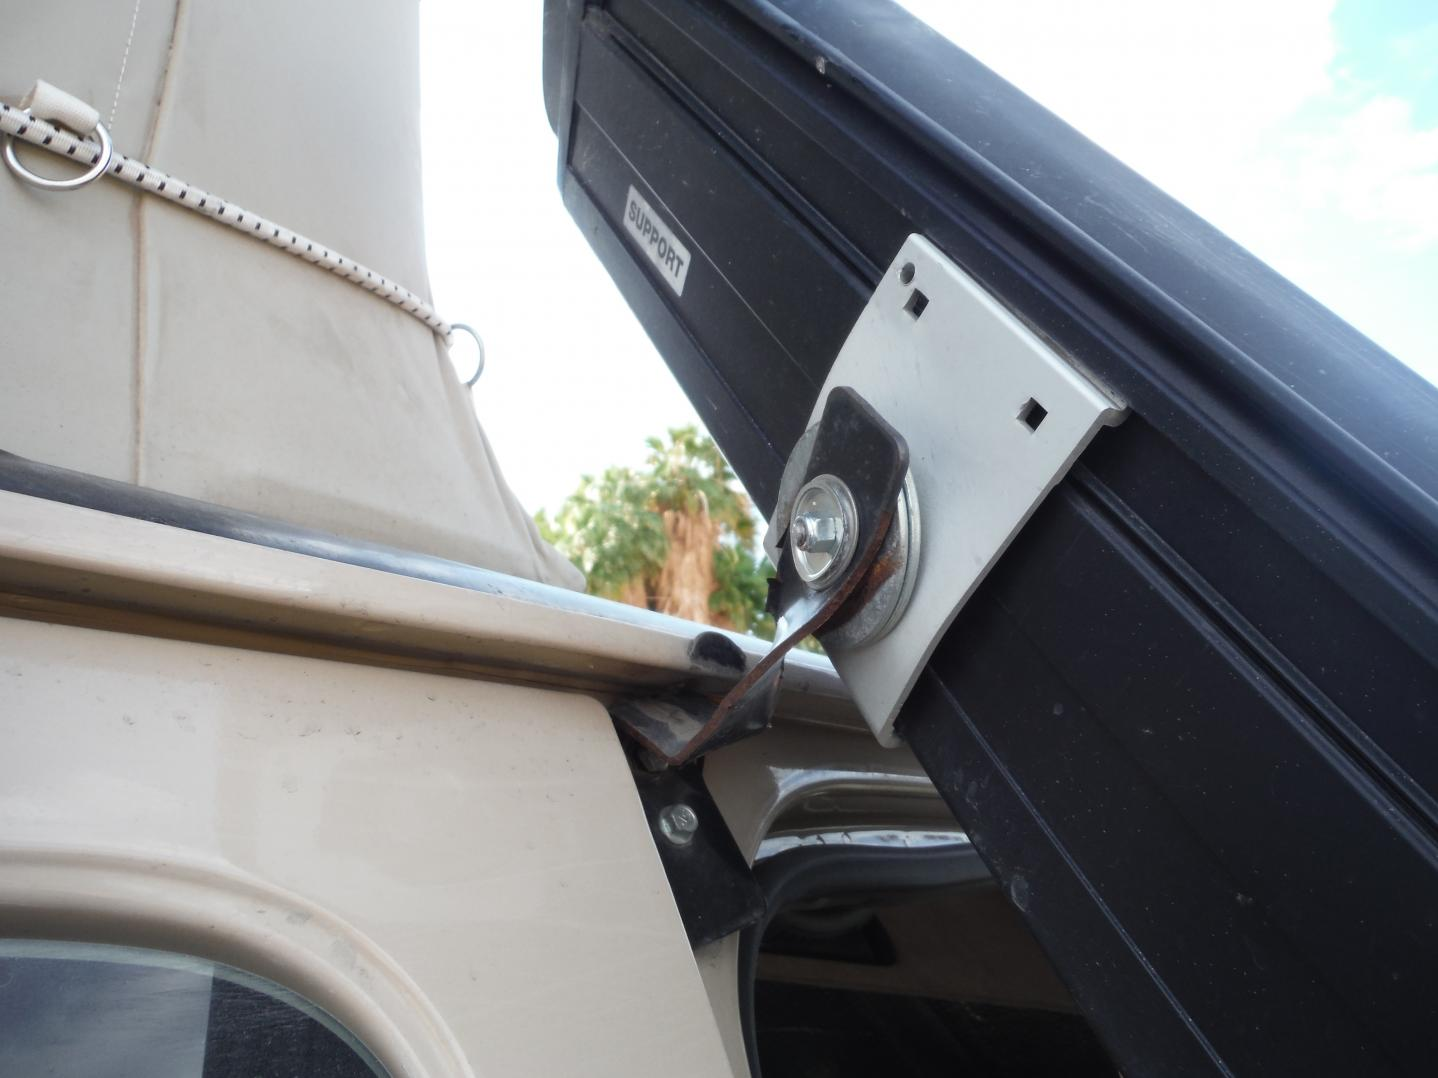 DSCF8198 One bolt held.